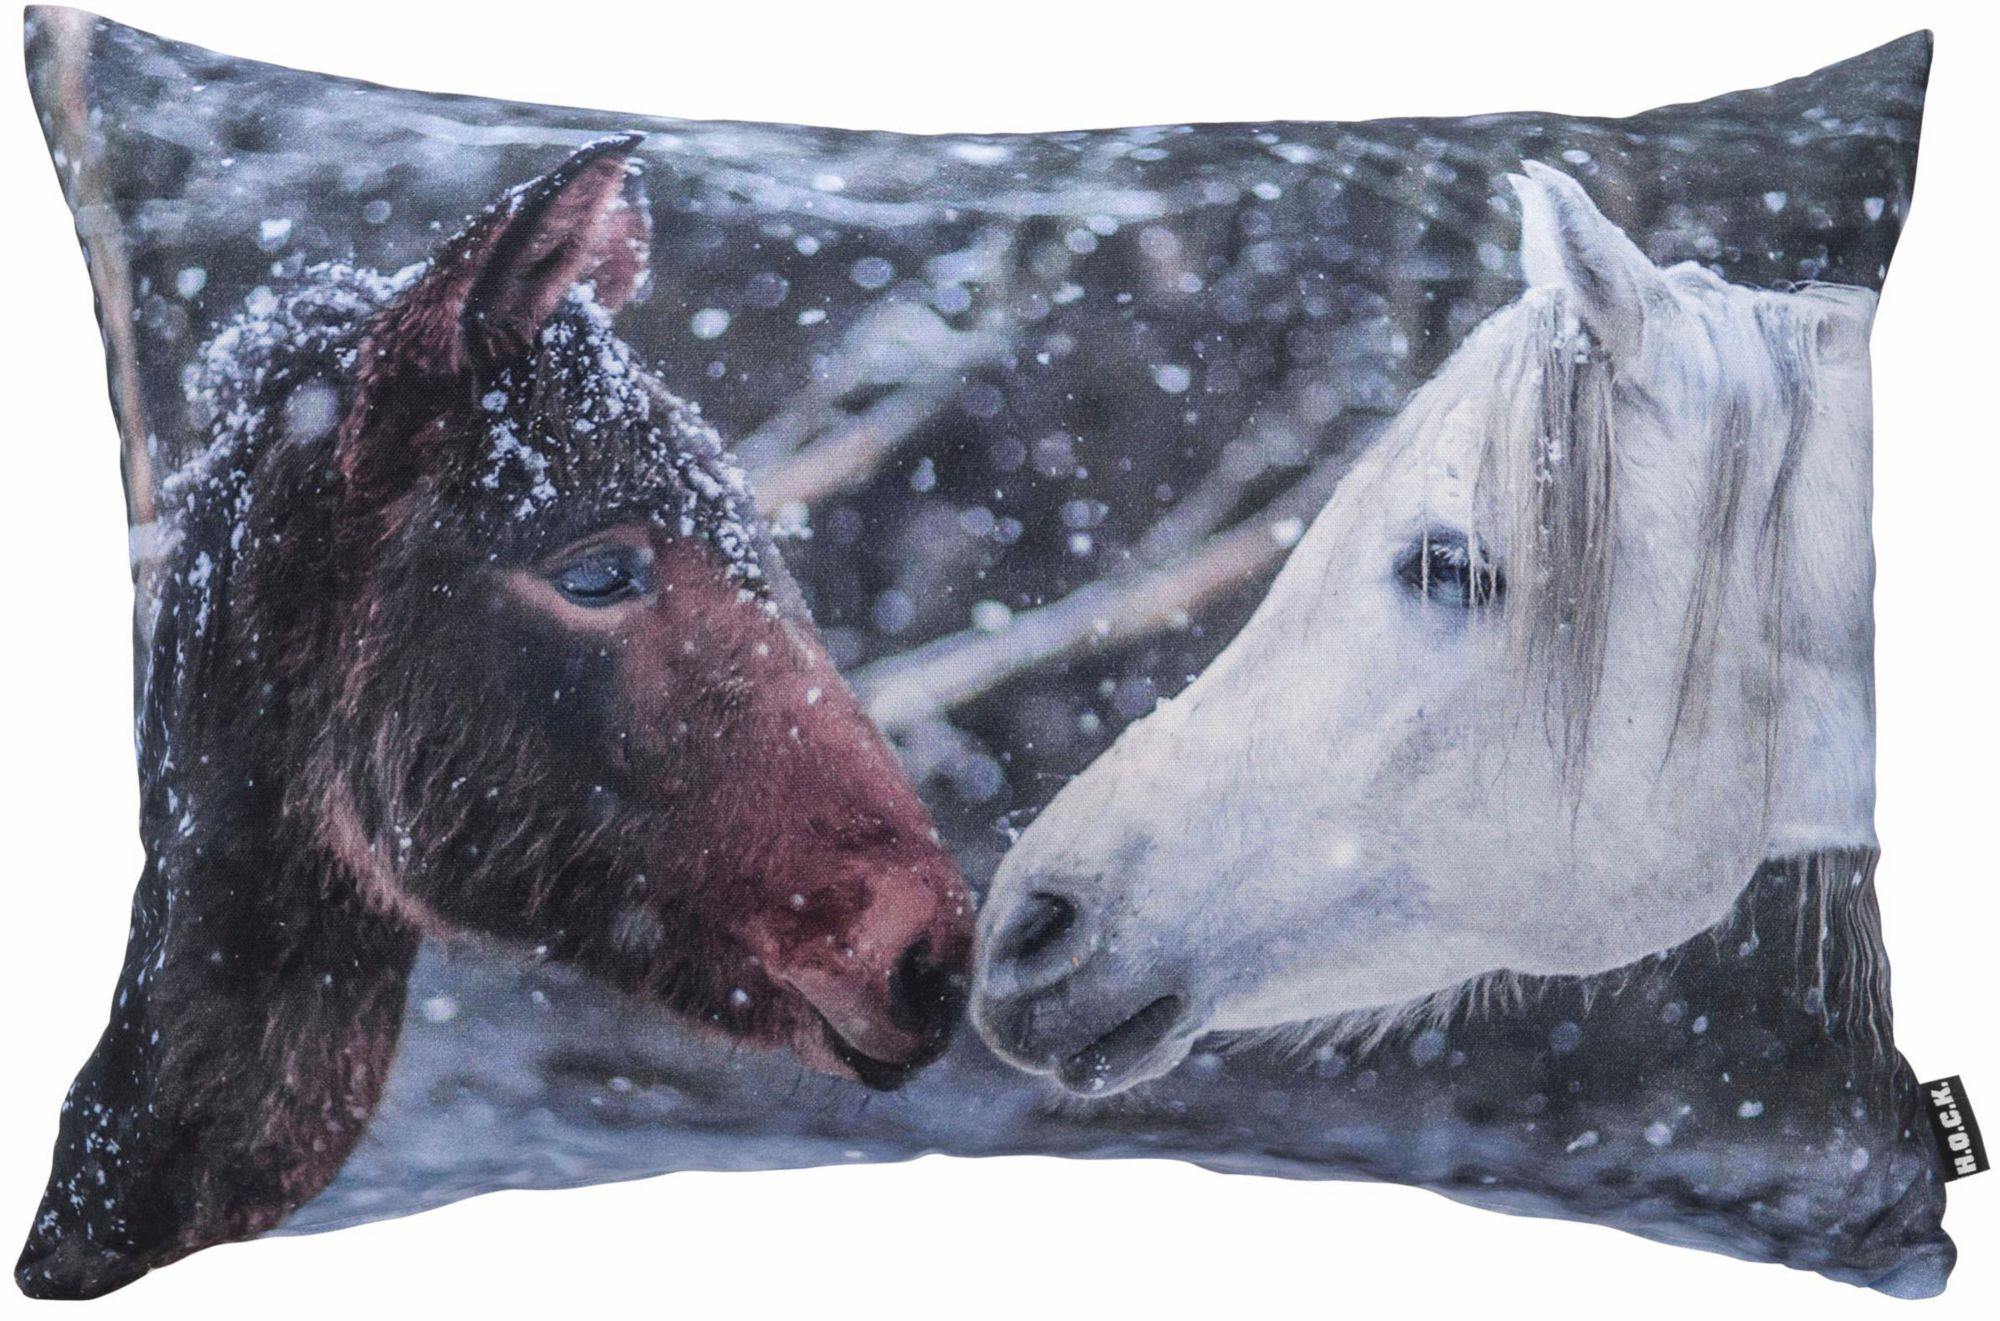 HOCK Hock Kissen mit Pferdemotiv